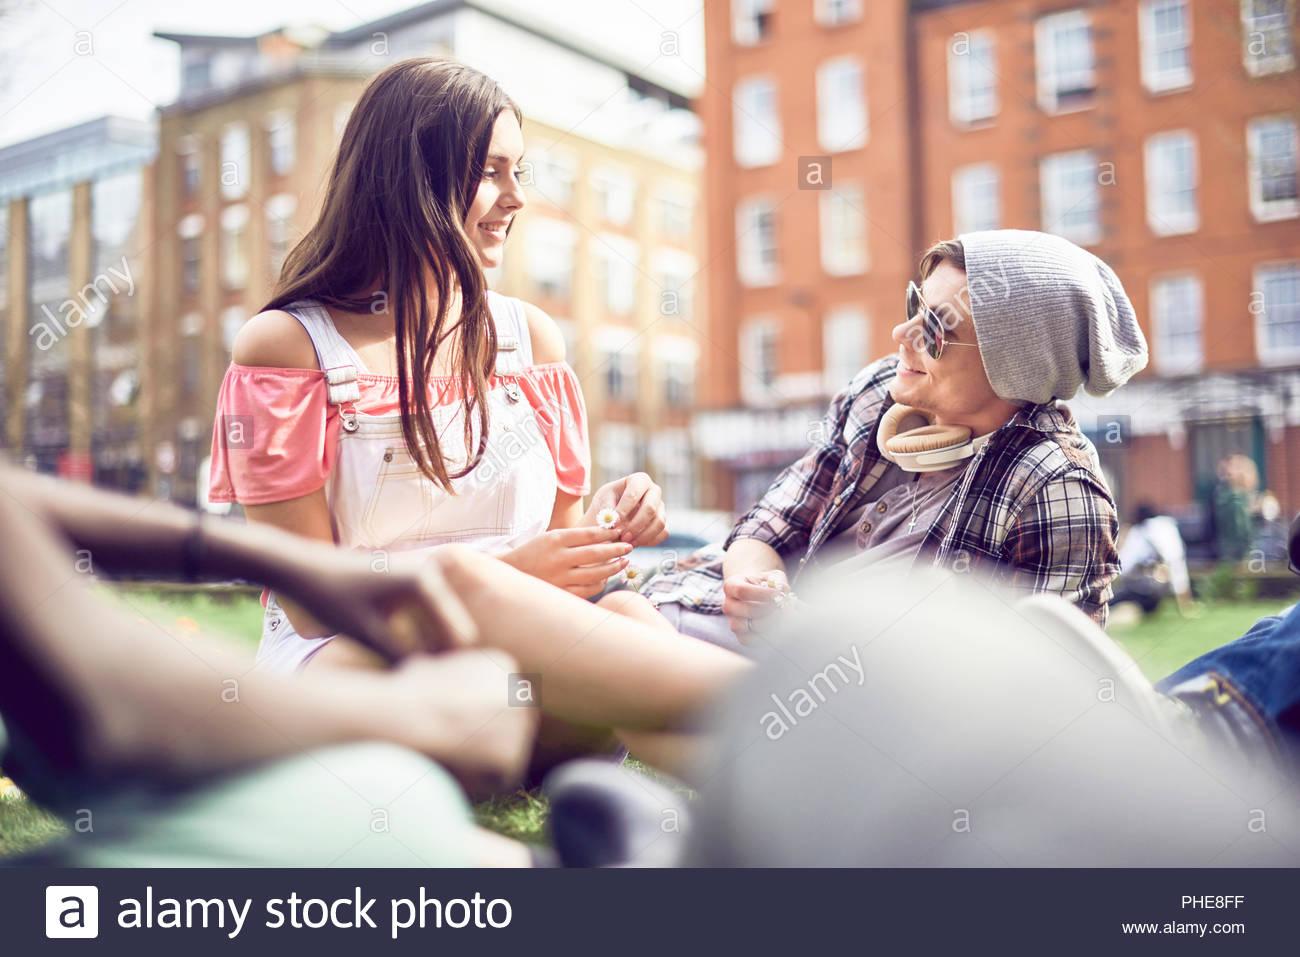 Teenage giovane seduto in posizione di parcheggio Immagini Stock